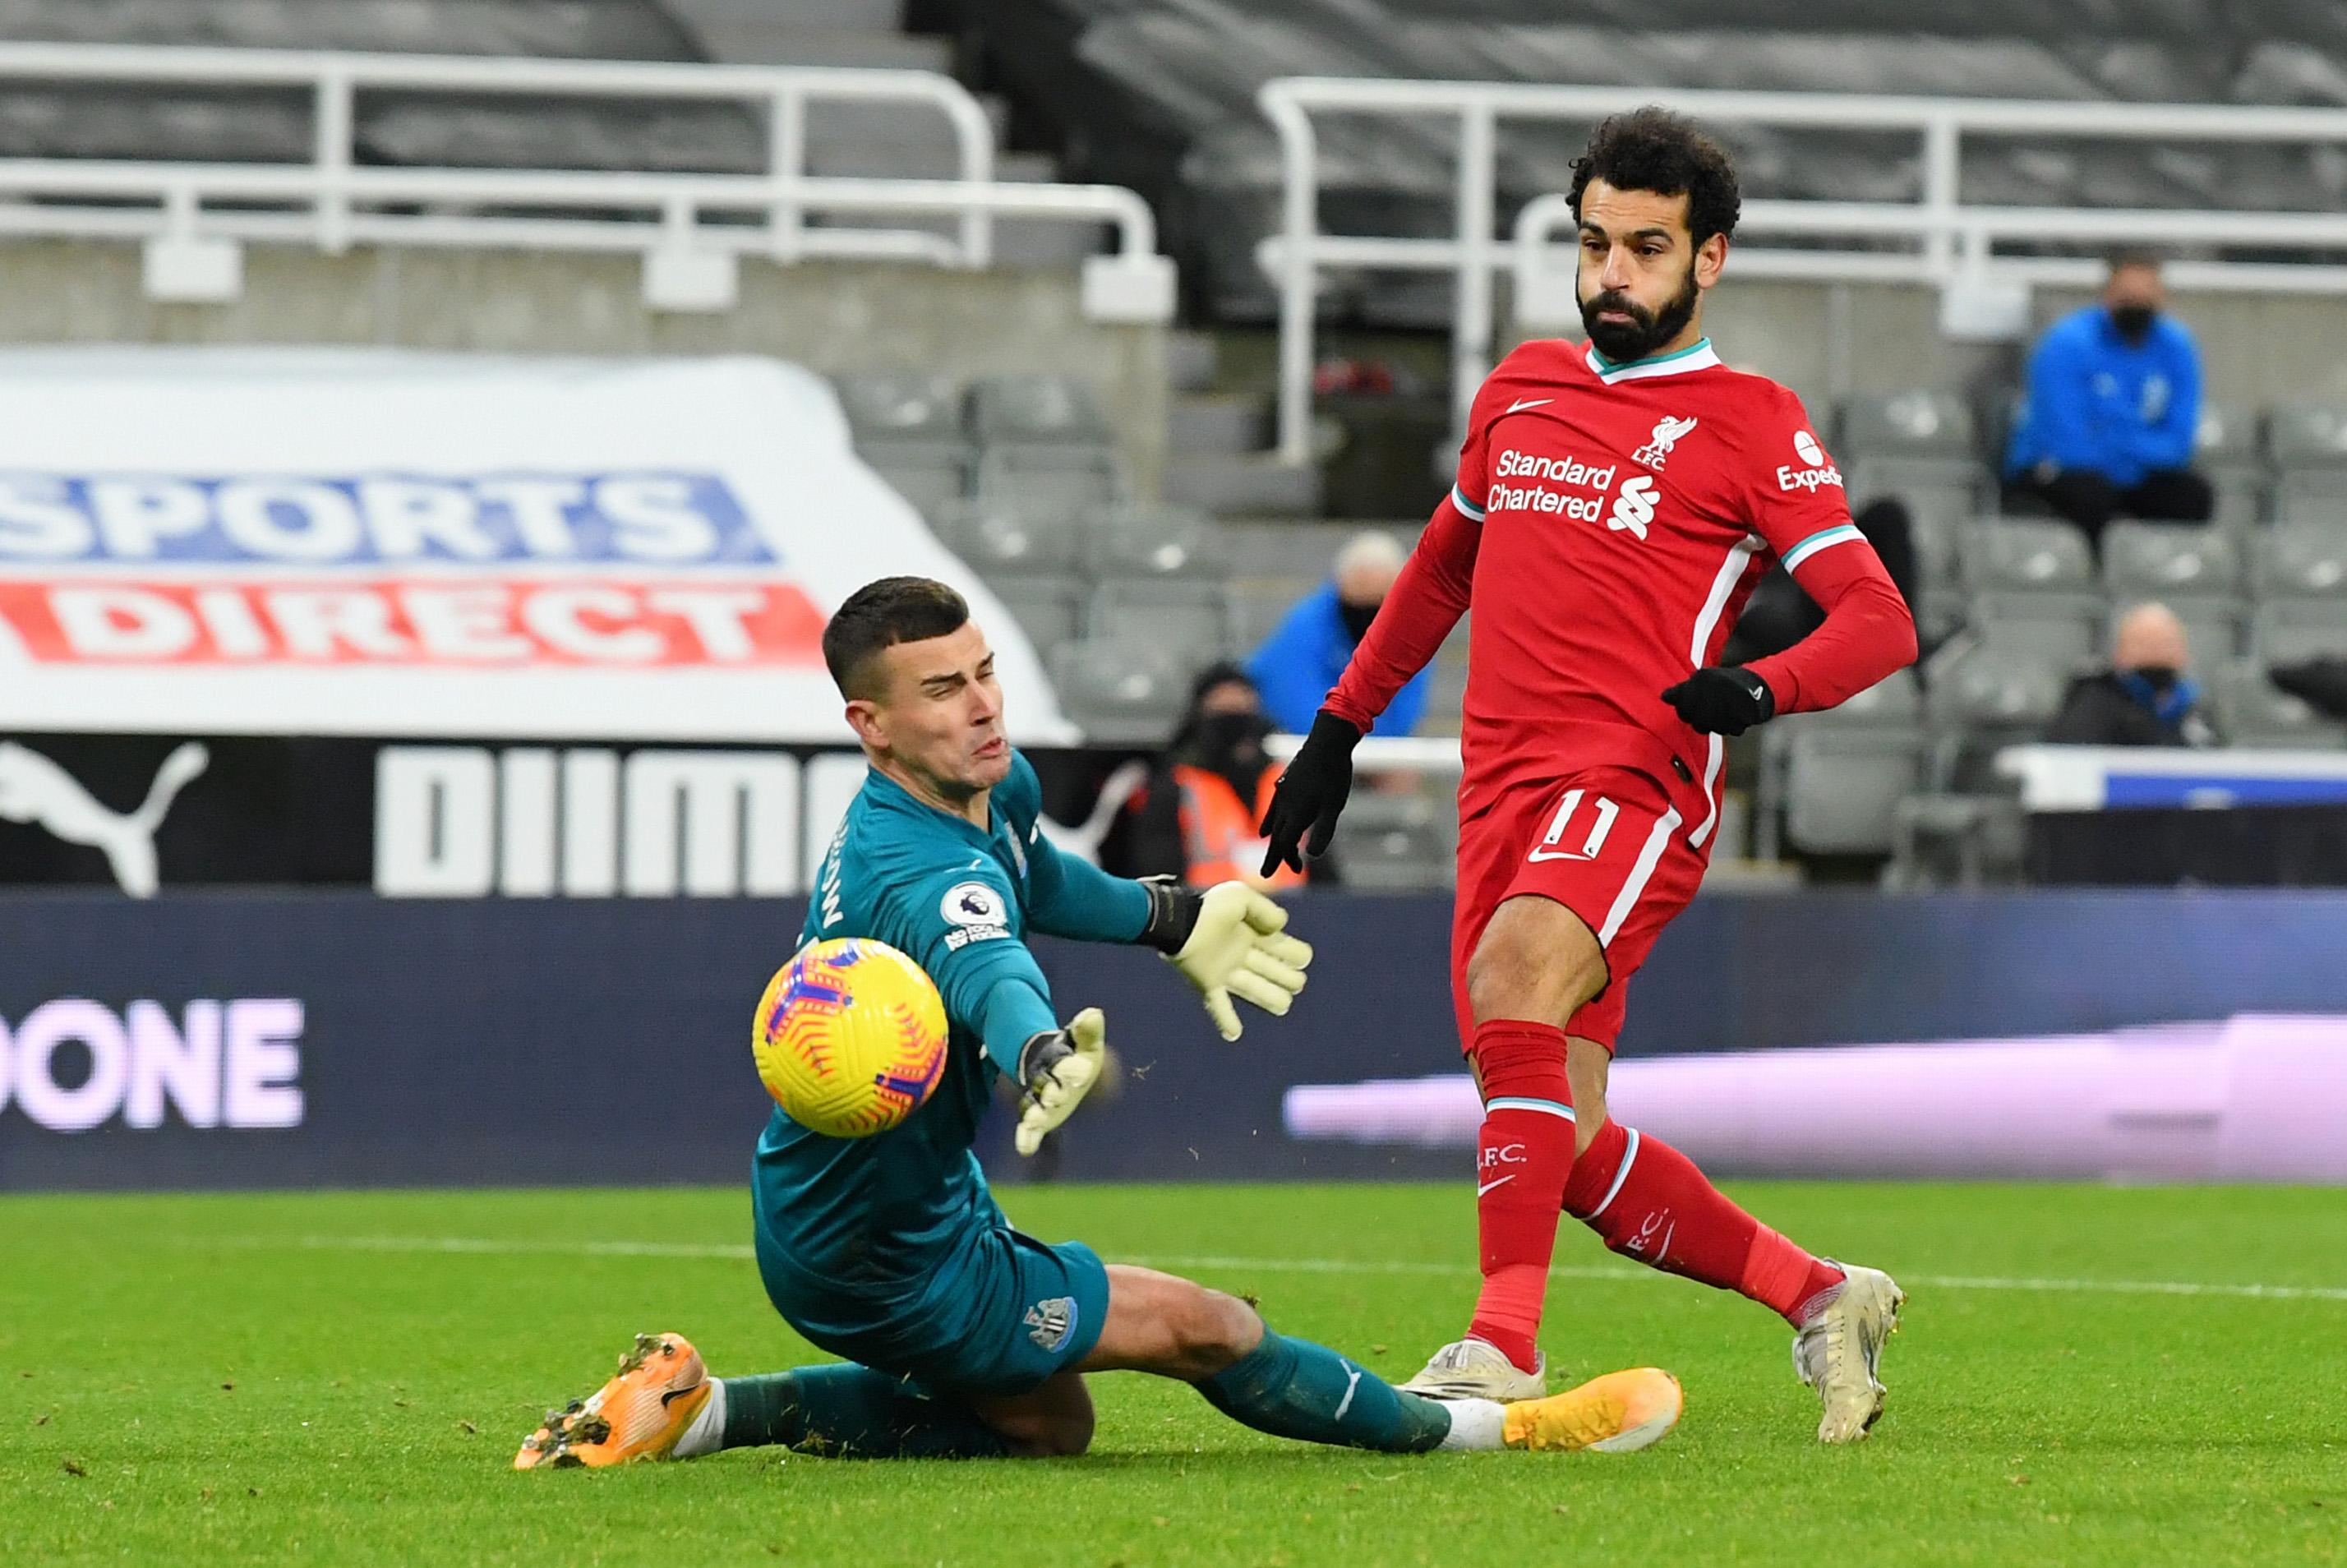 利物浦在英超联赛对阵纽卡的五连胜遭到结束